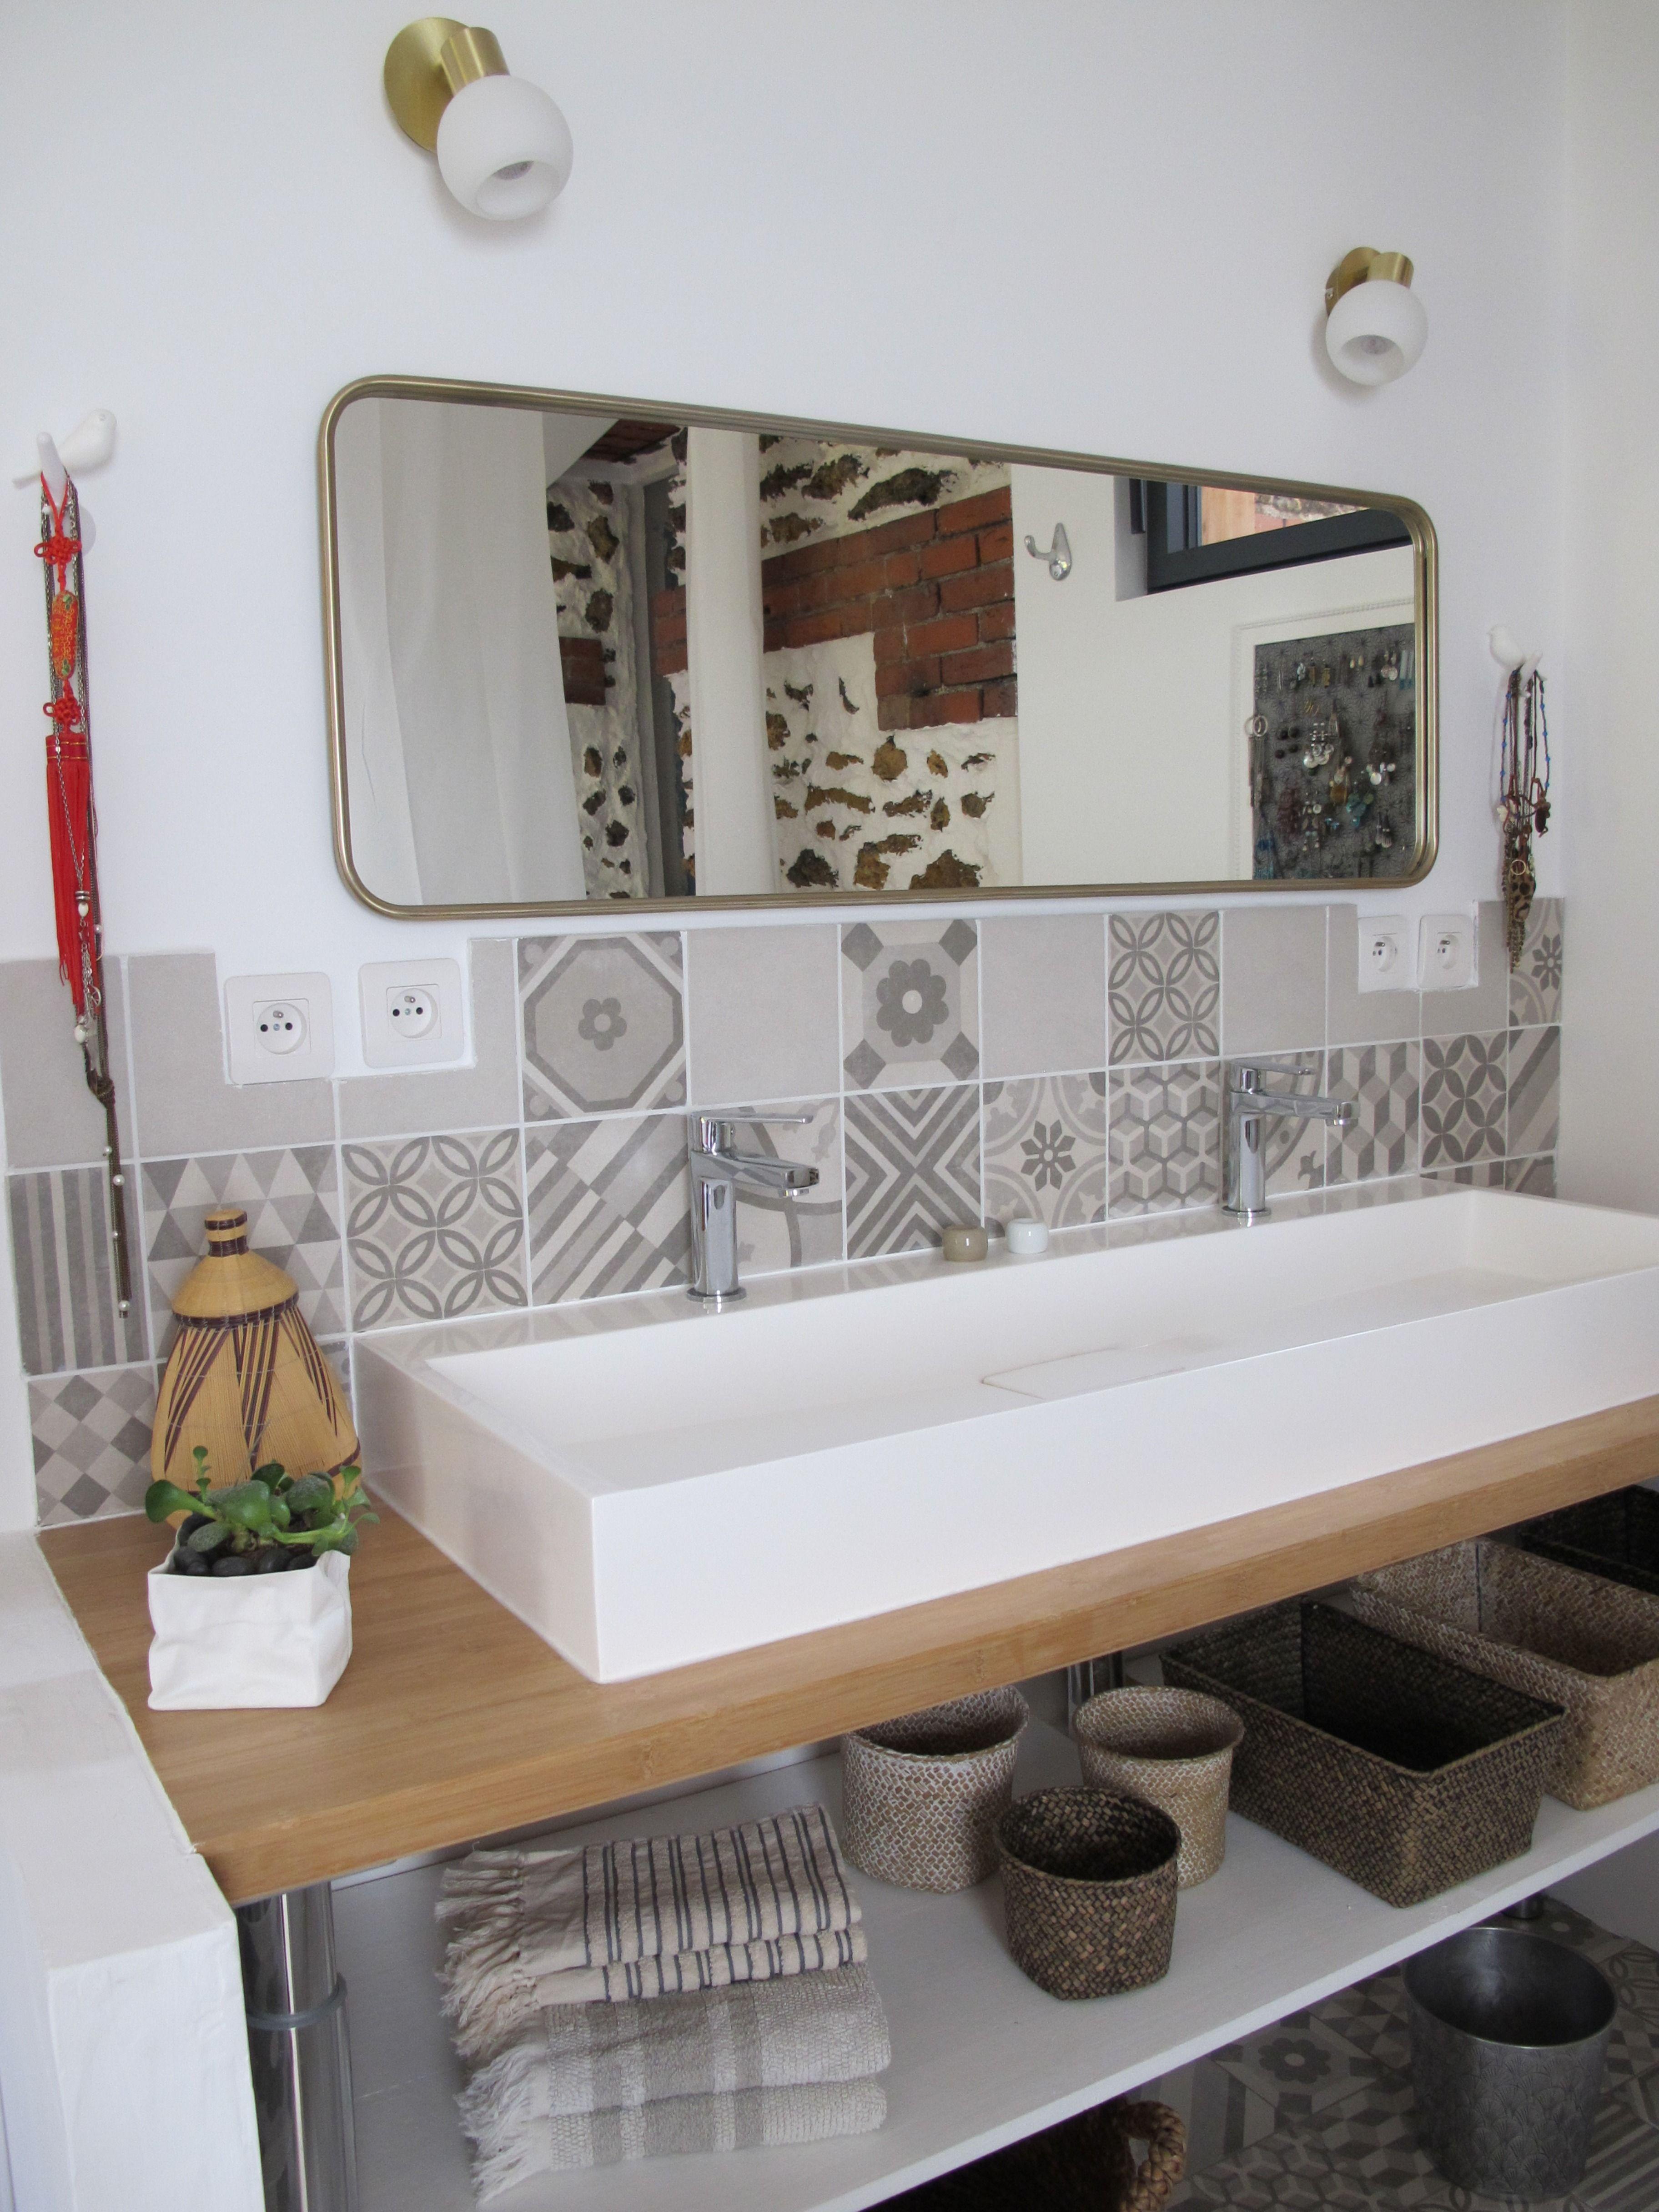 Vasque Salle De Bain Sur Plan De Travail Épinglé par bénédicte gameaux sur déco cuisine et salle de